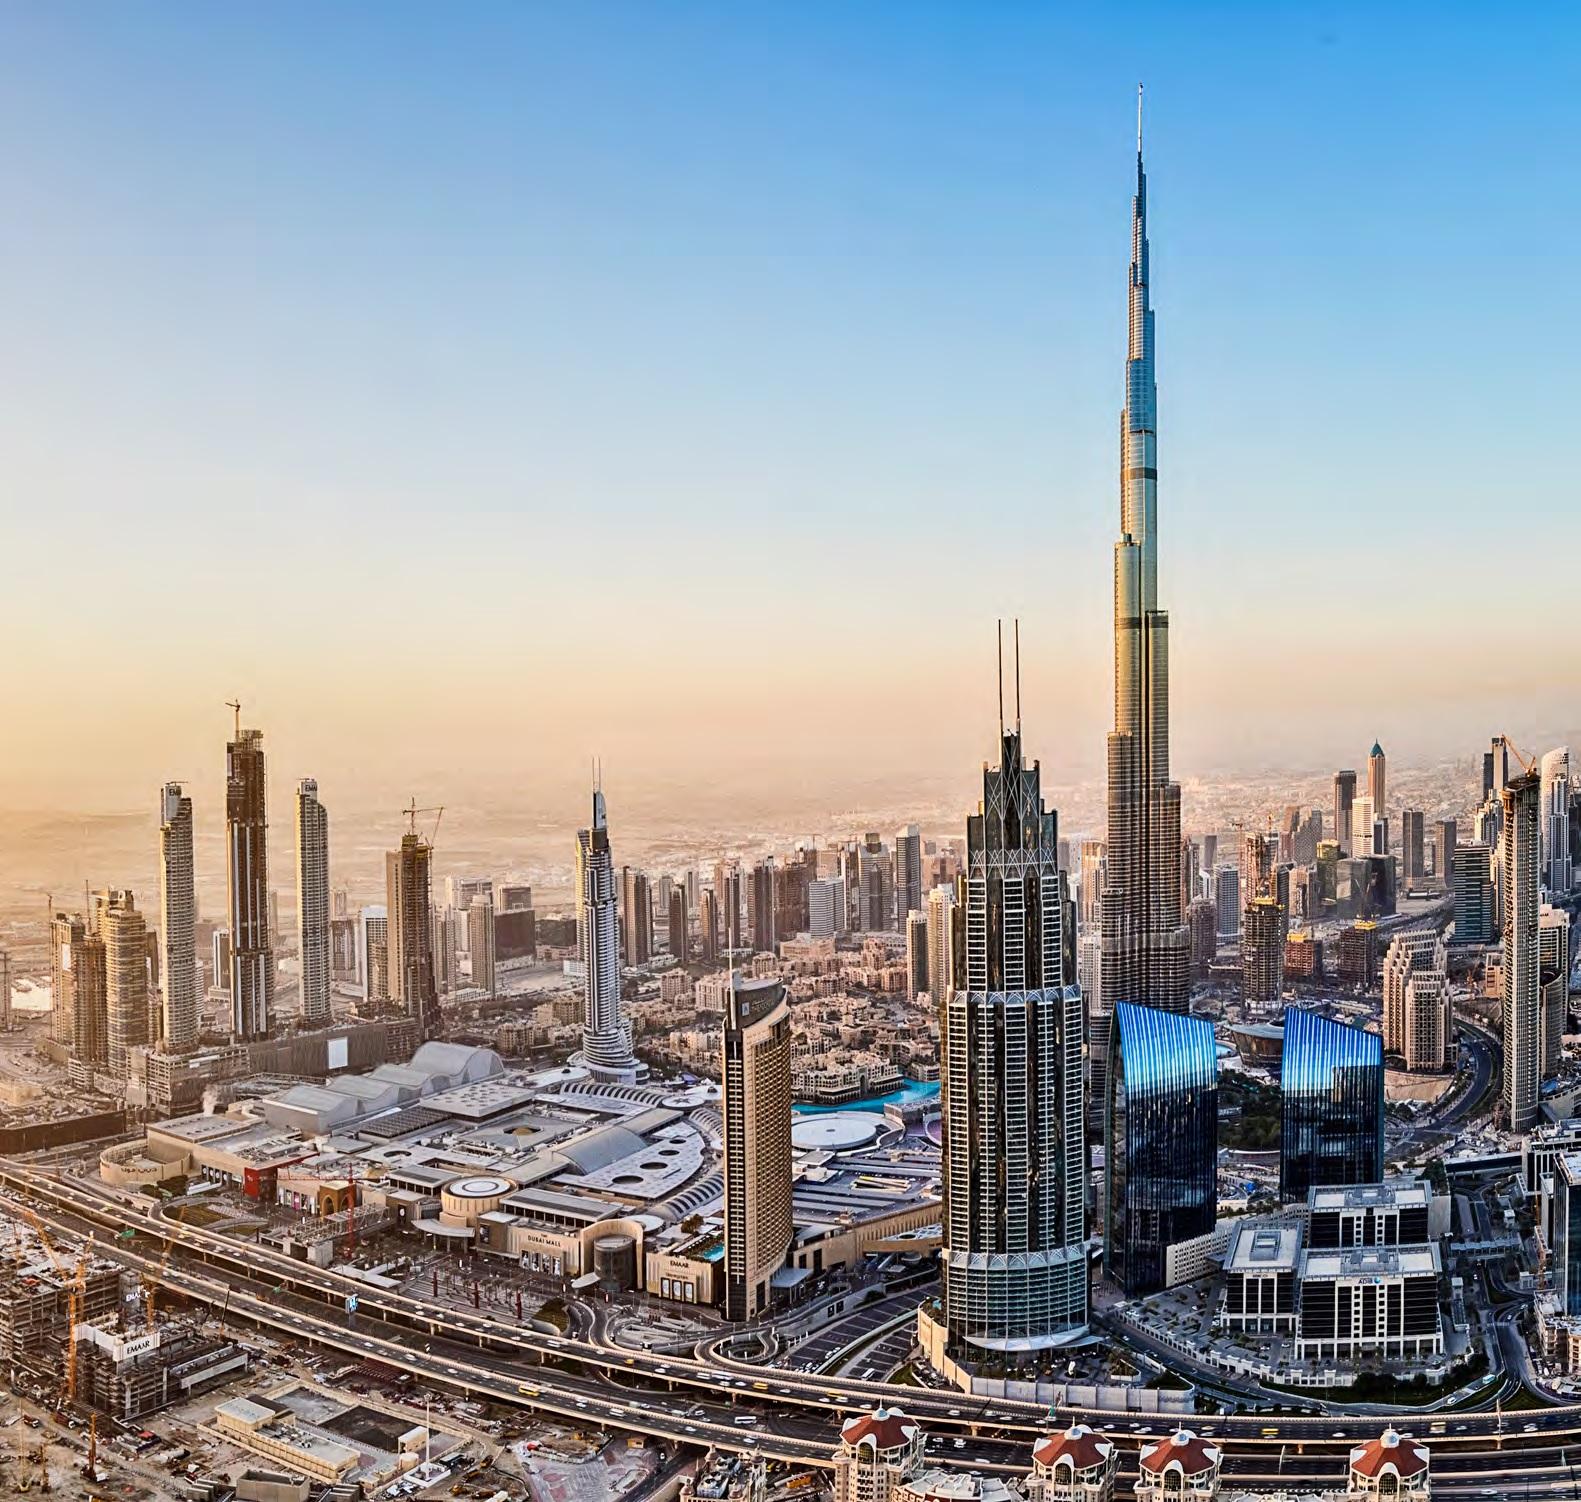 THE MOST PRESTIGIOUS 2 SQ KM IN DUBAI